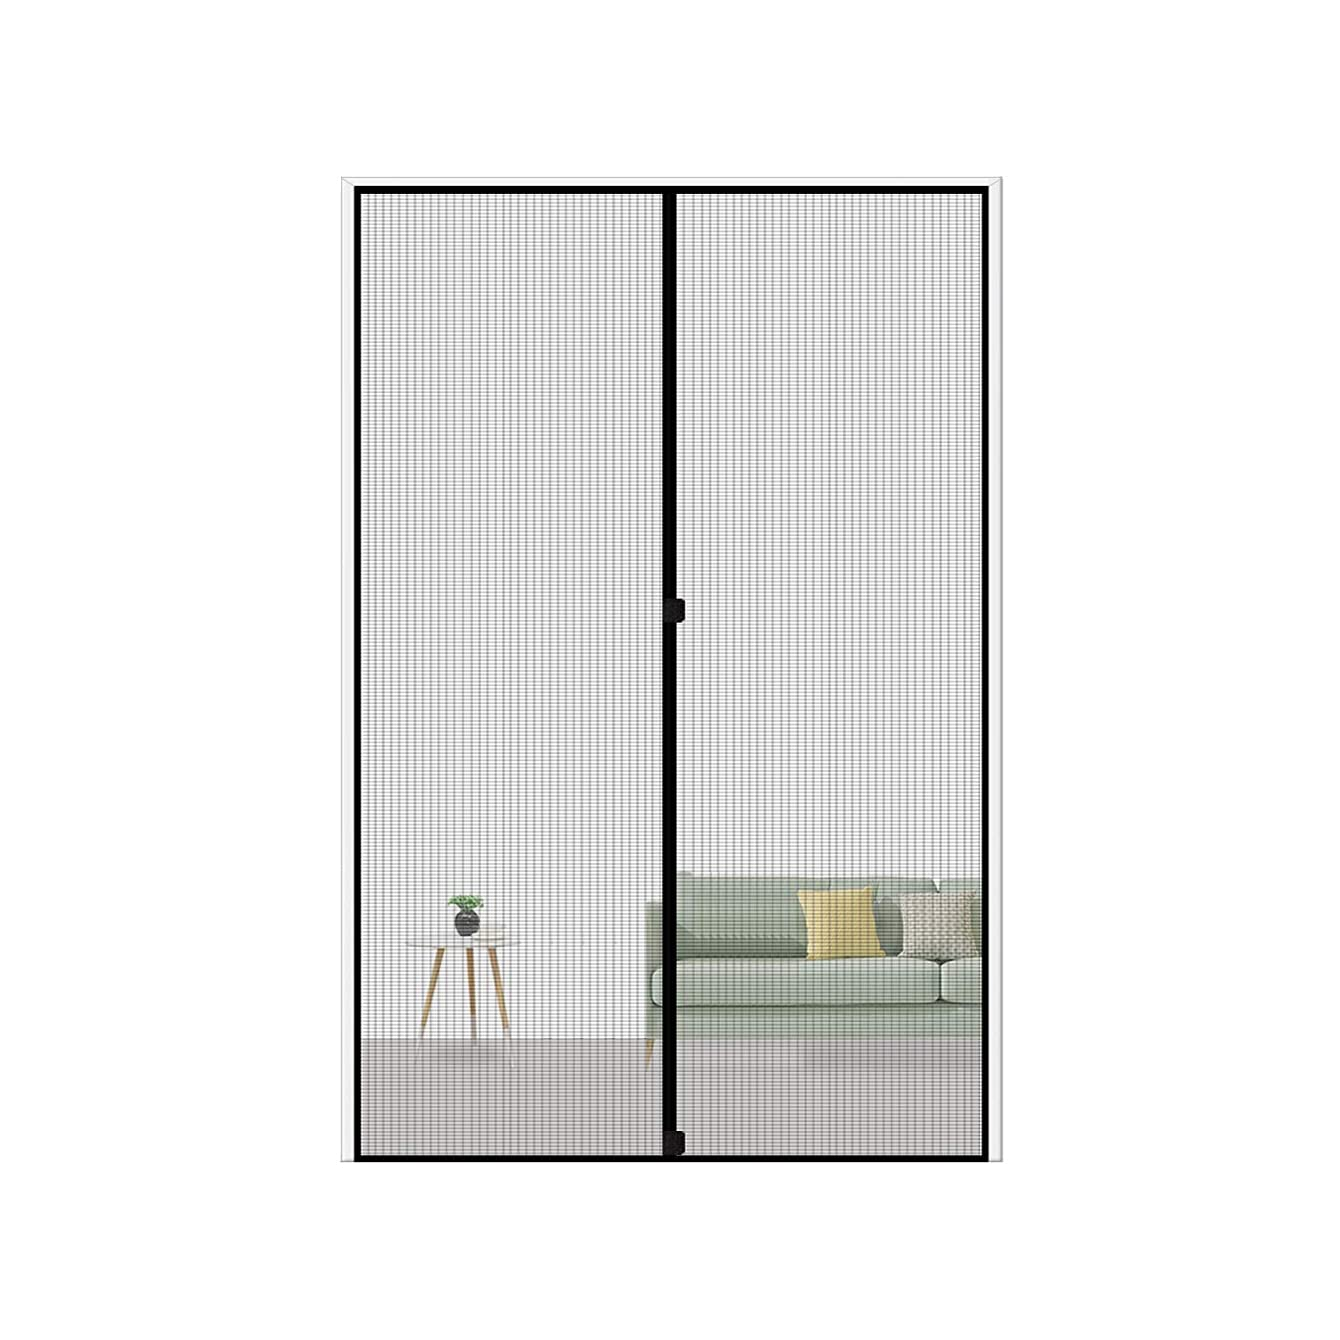 MAGZO Magnetic Screen Door 36 x 80, Reinforced Fiberglass Mesh Curtain Sliding Door Mesh with Full Frame Hook&Loop Fits Door Size up to 36